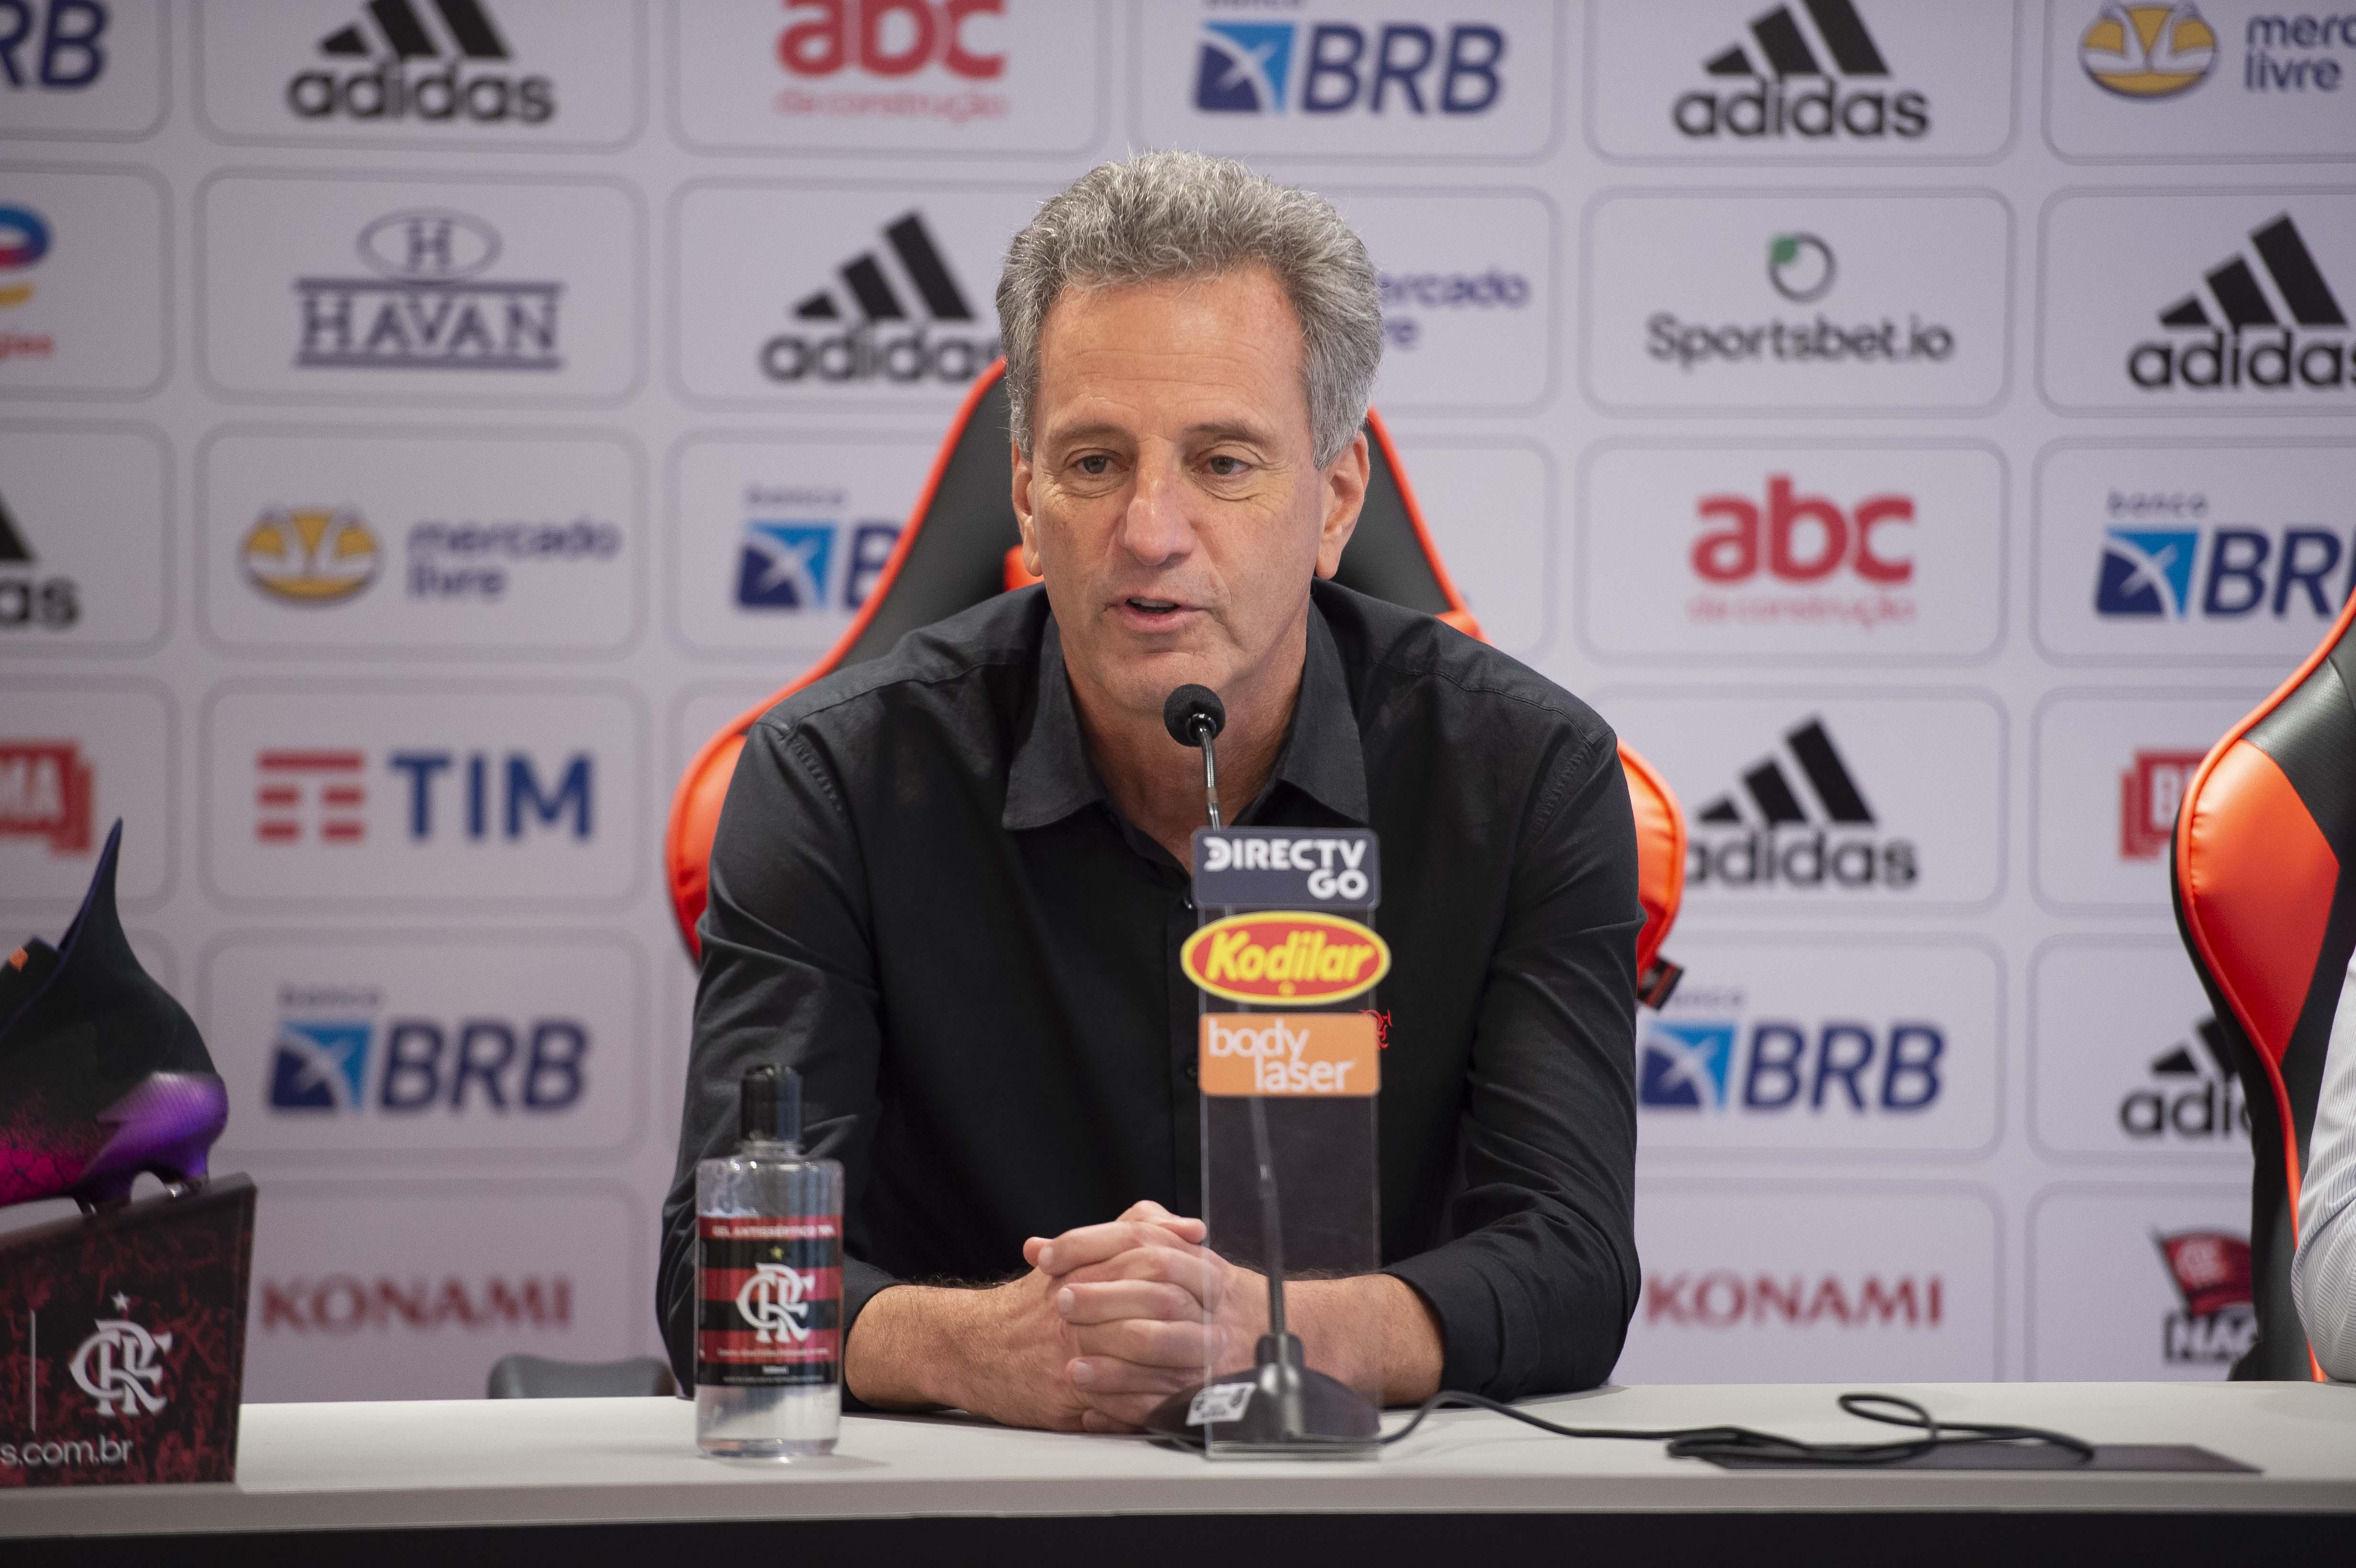 IMAGEM: Presidente do Flamengo negocia acordo com procuradores, diz jornal